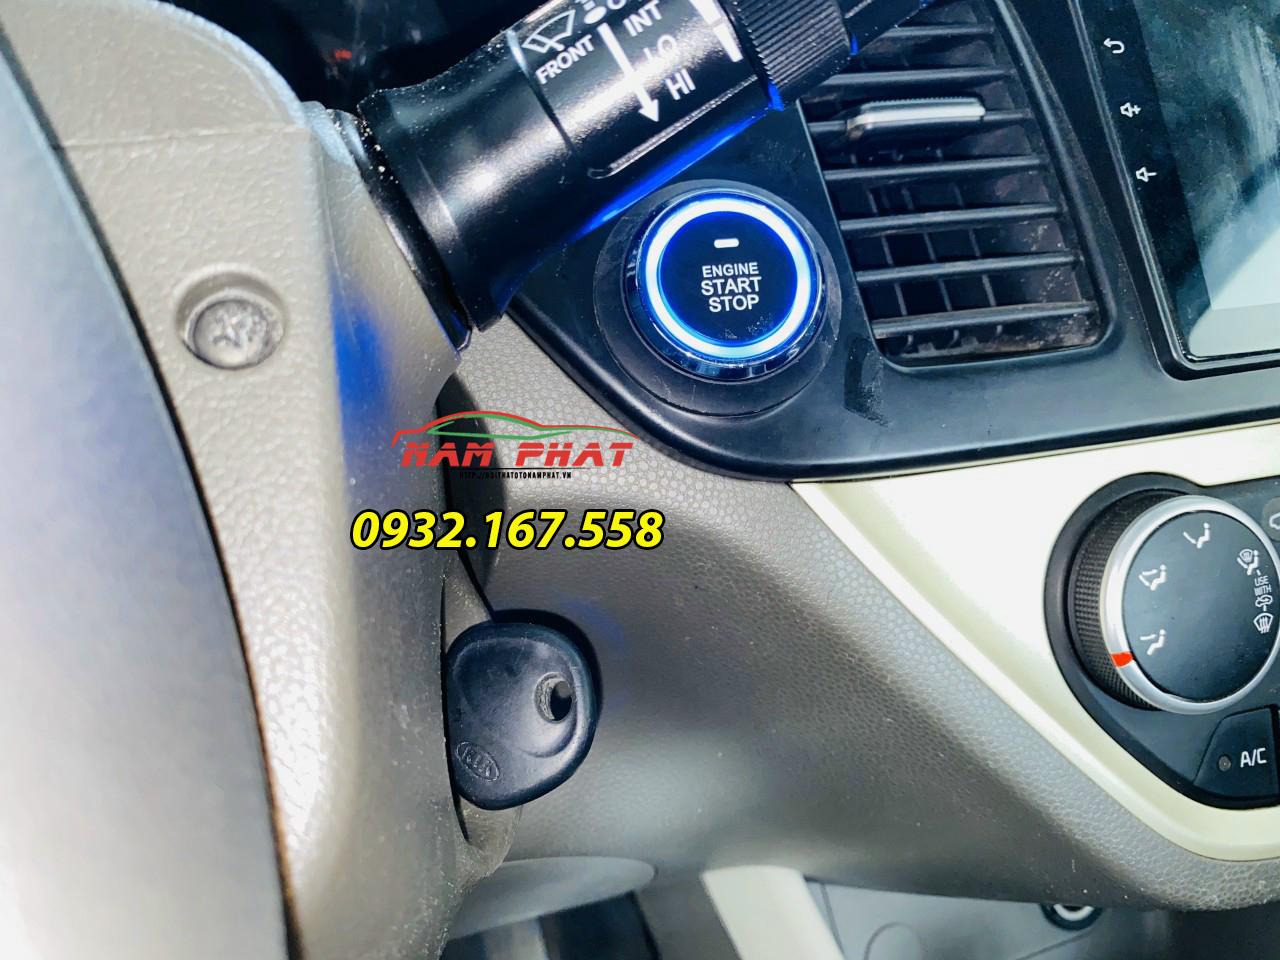 Nút Start Stop Engine cho ô tô